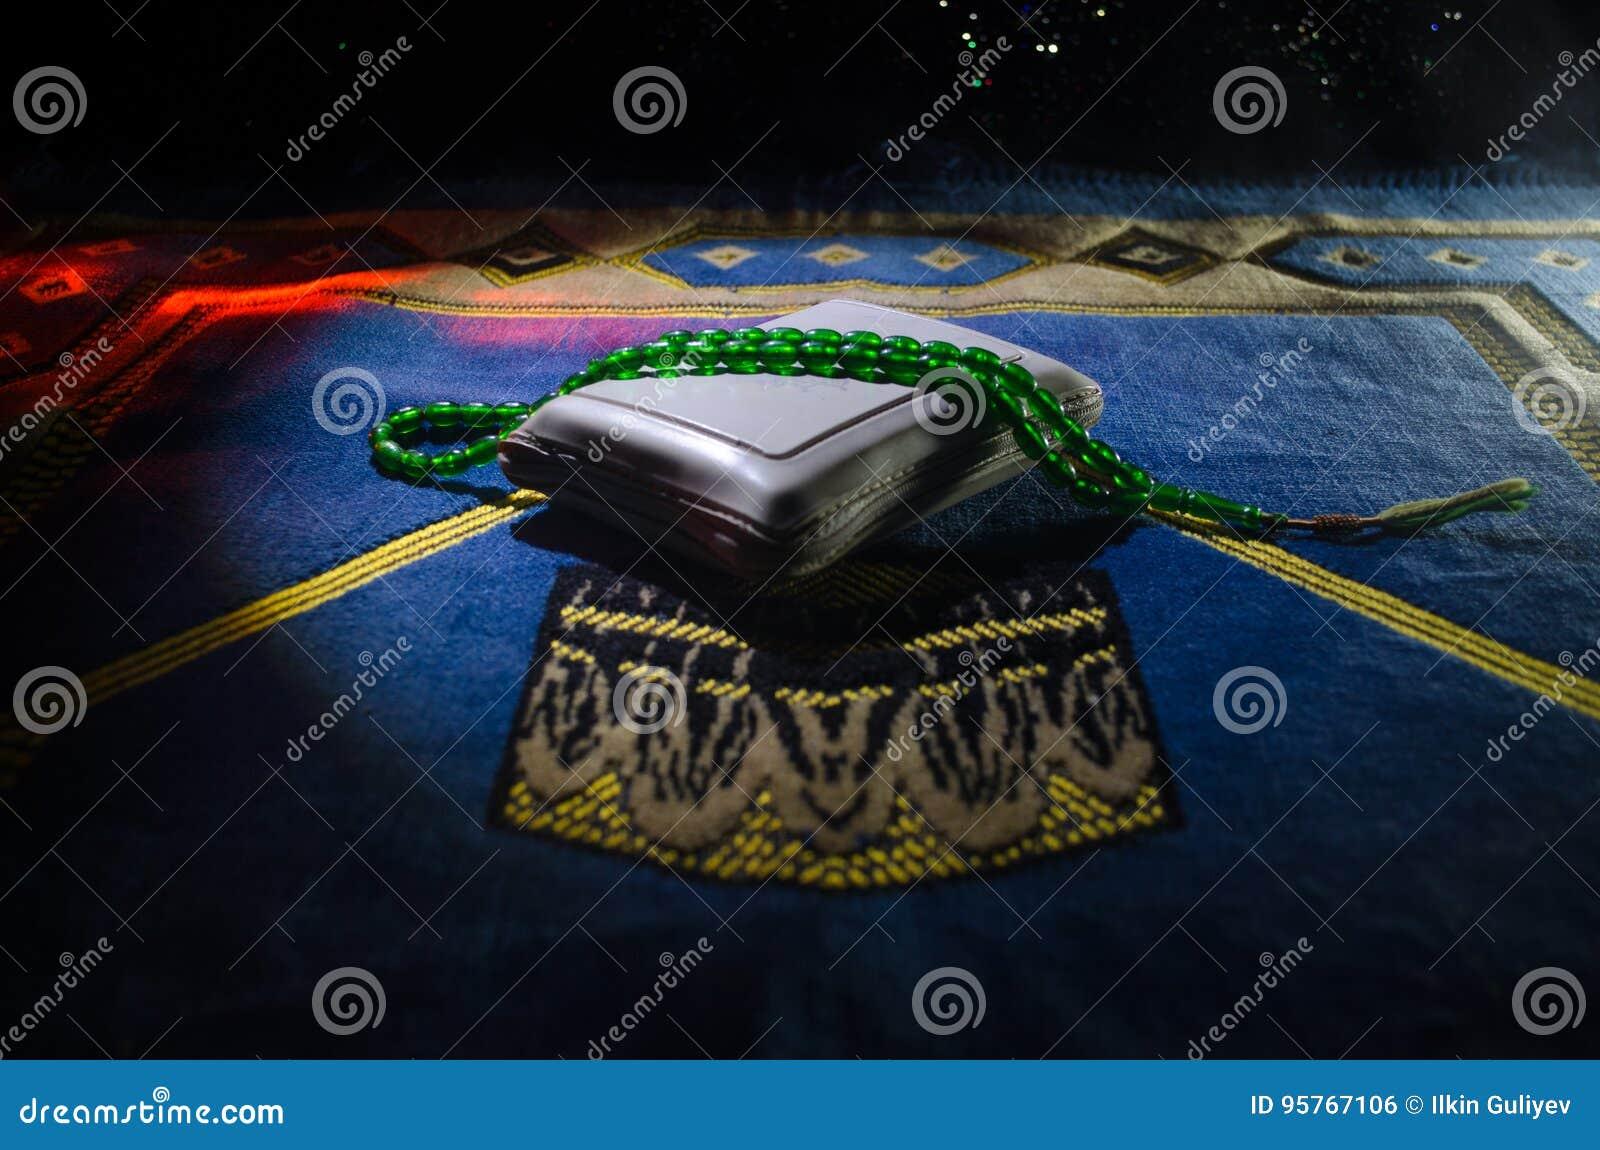 与小珠在跪垫,穆斯林Tasbih的圣洁古兰经是与一起由穆斯林传统上使用念珠的串